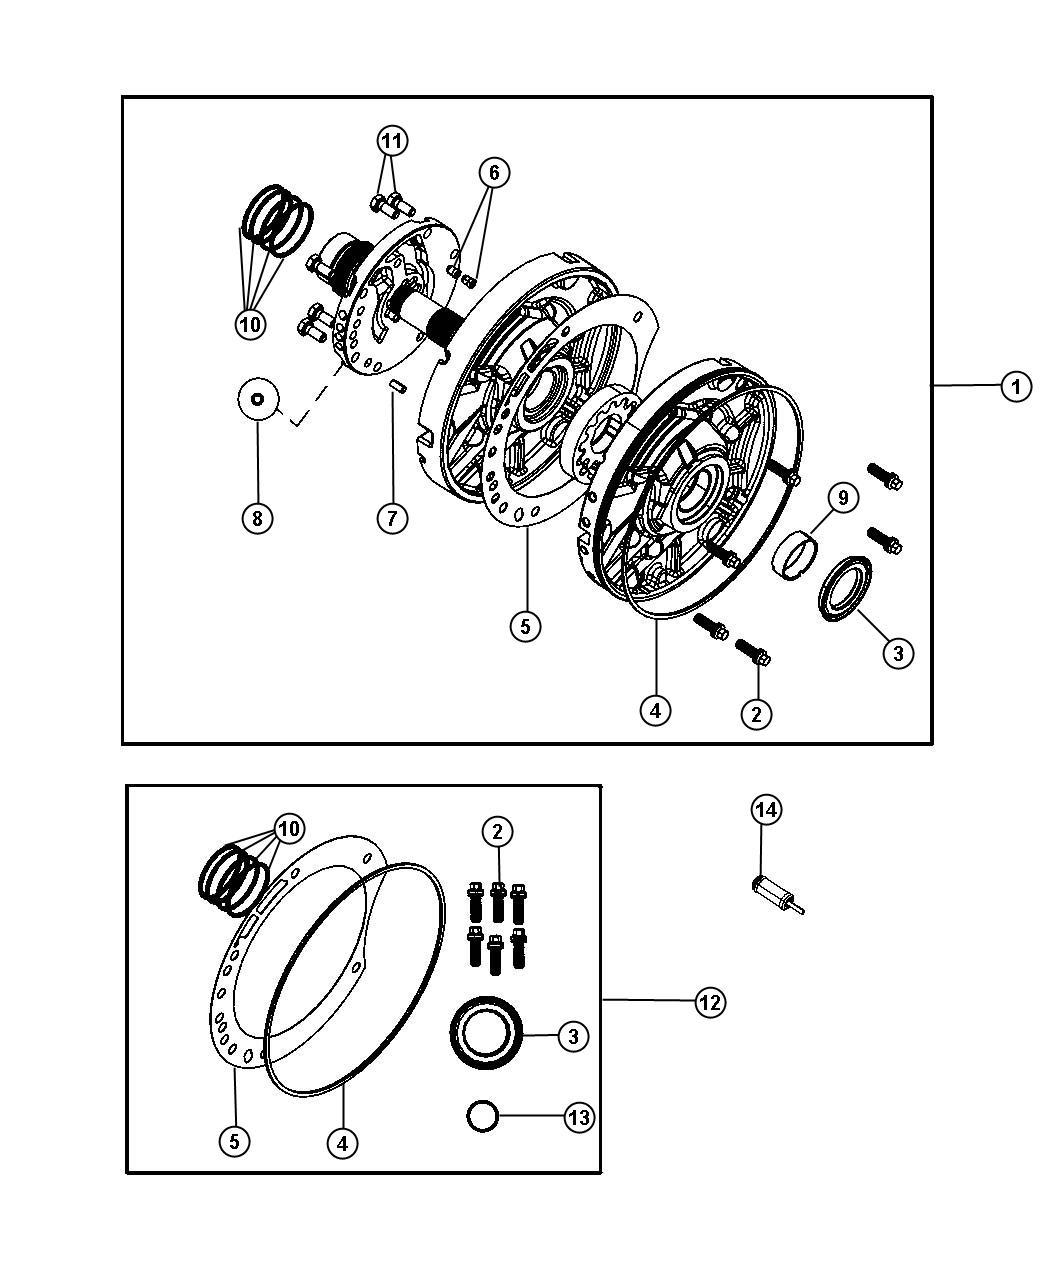 Jeep Wrangler Ball. Check, valve body check. Cooler bypass